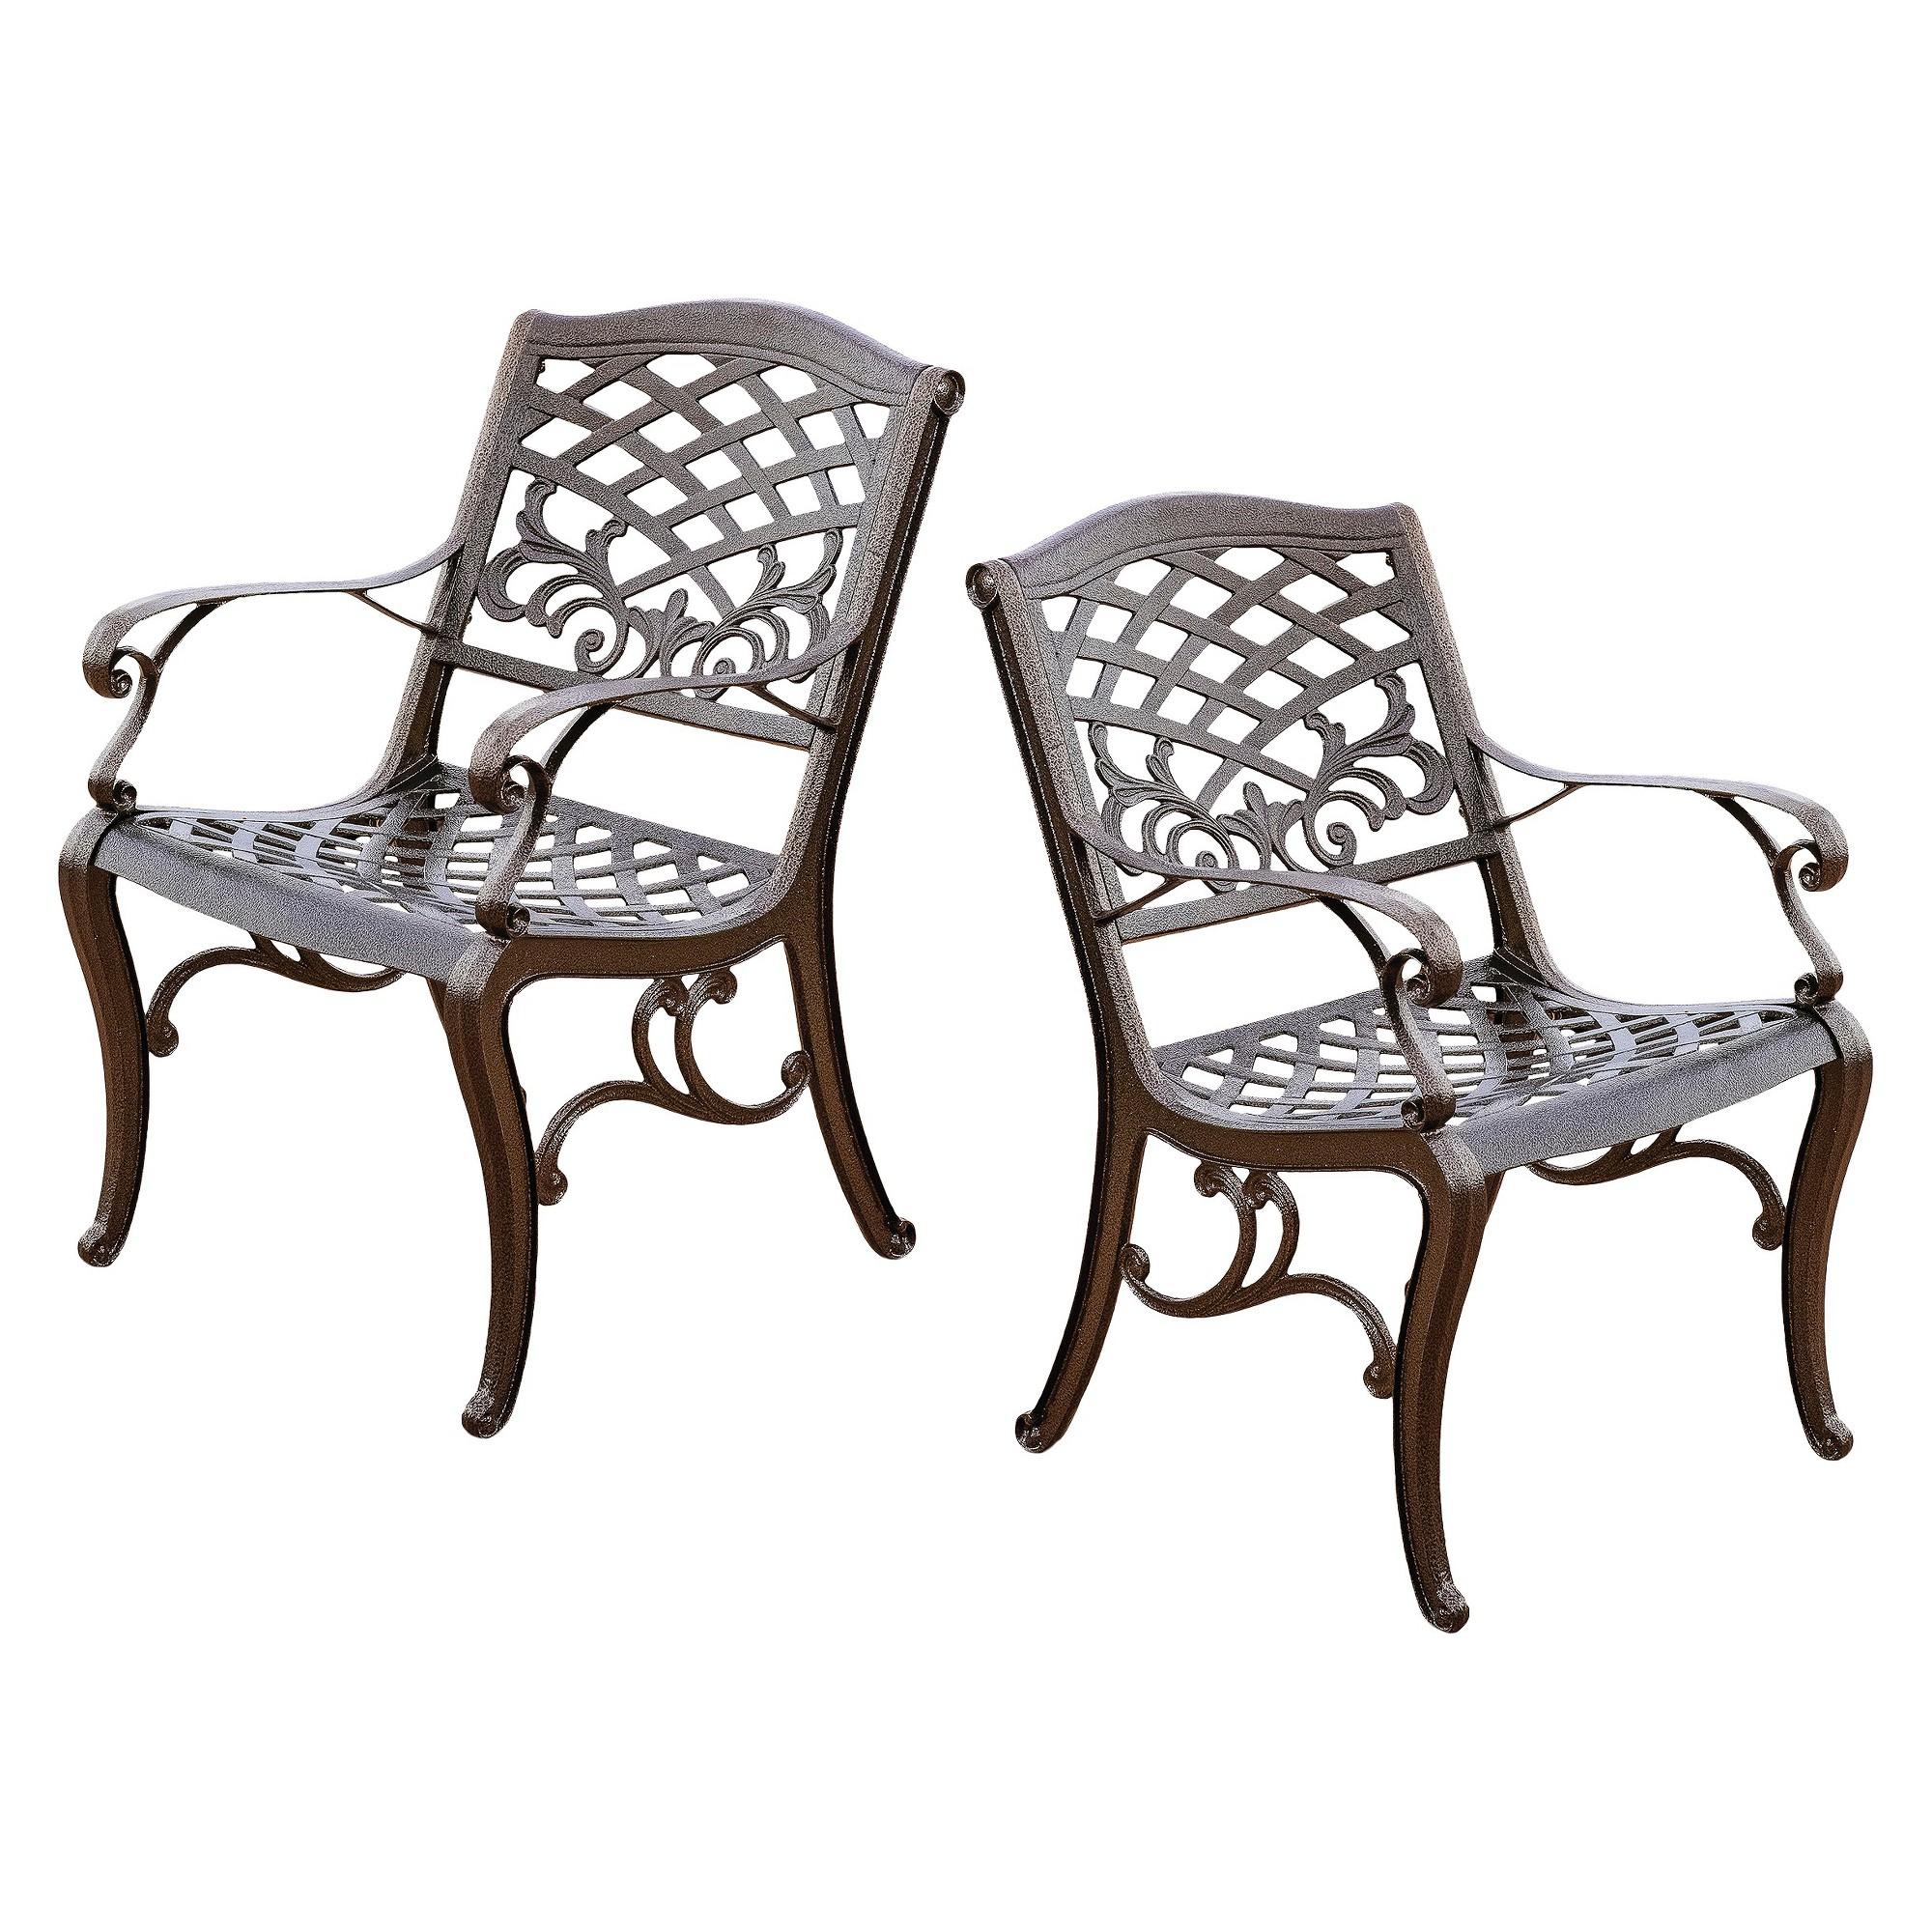 Patio Furniture Sarasota Florida: Sarasota Set Of 2 Cast Aluminum Patio Chair